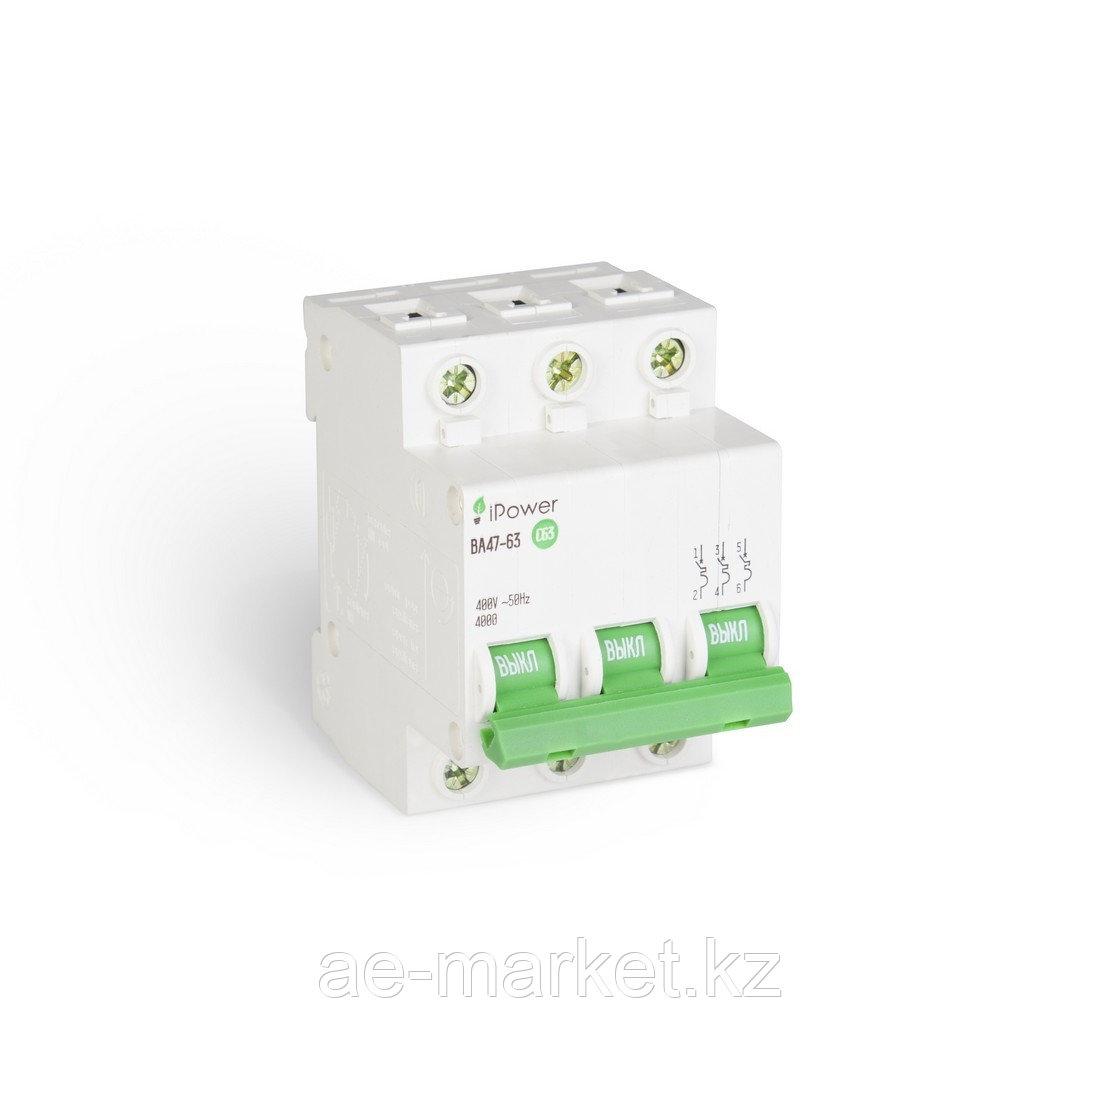 Автоматический выключатель реечный iPower ВА47-63 3Р 25А